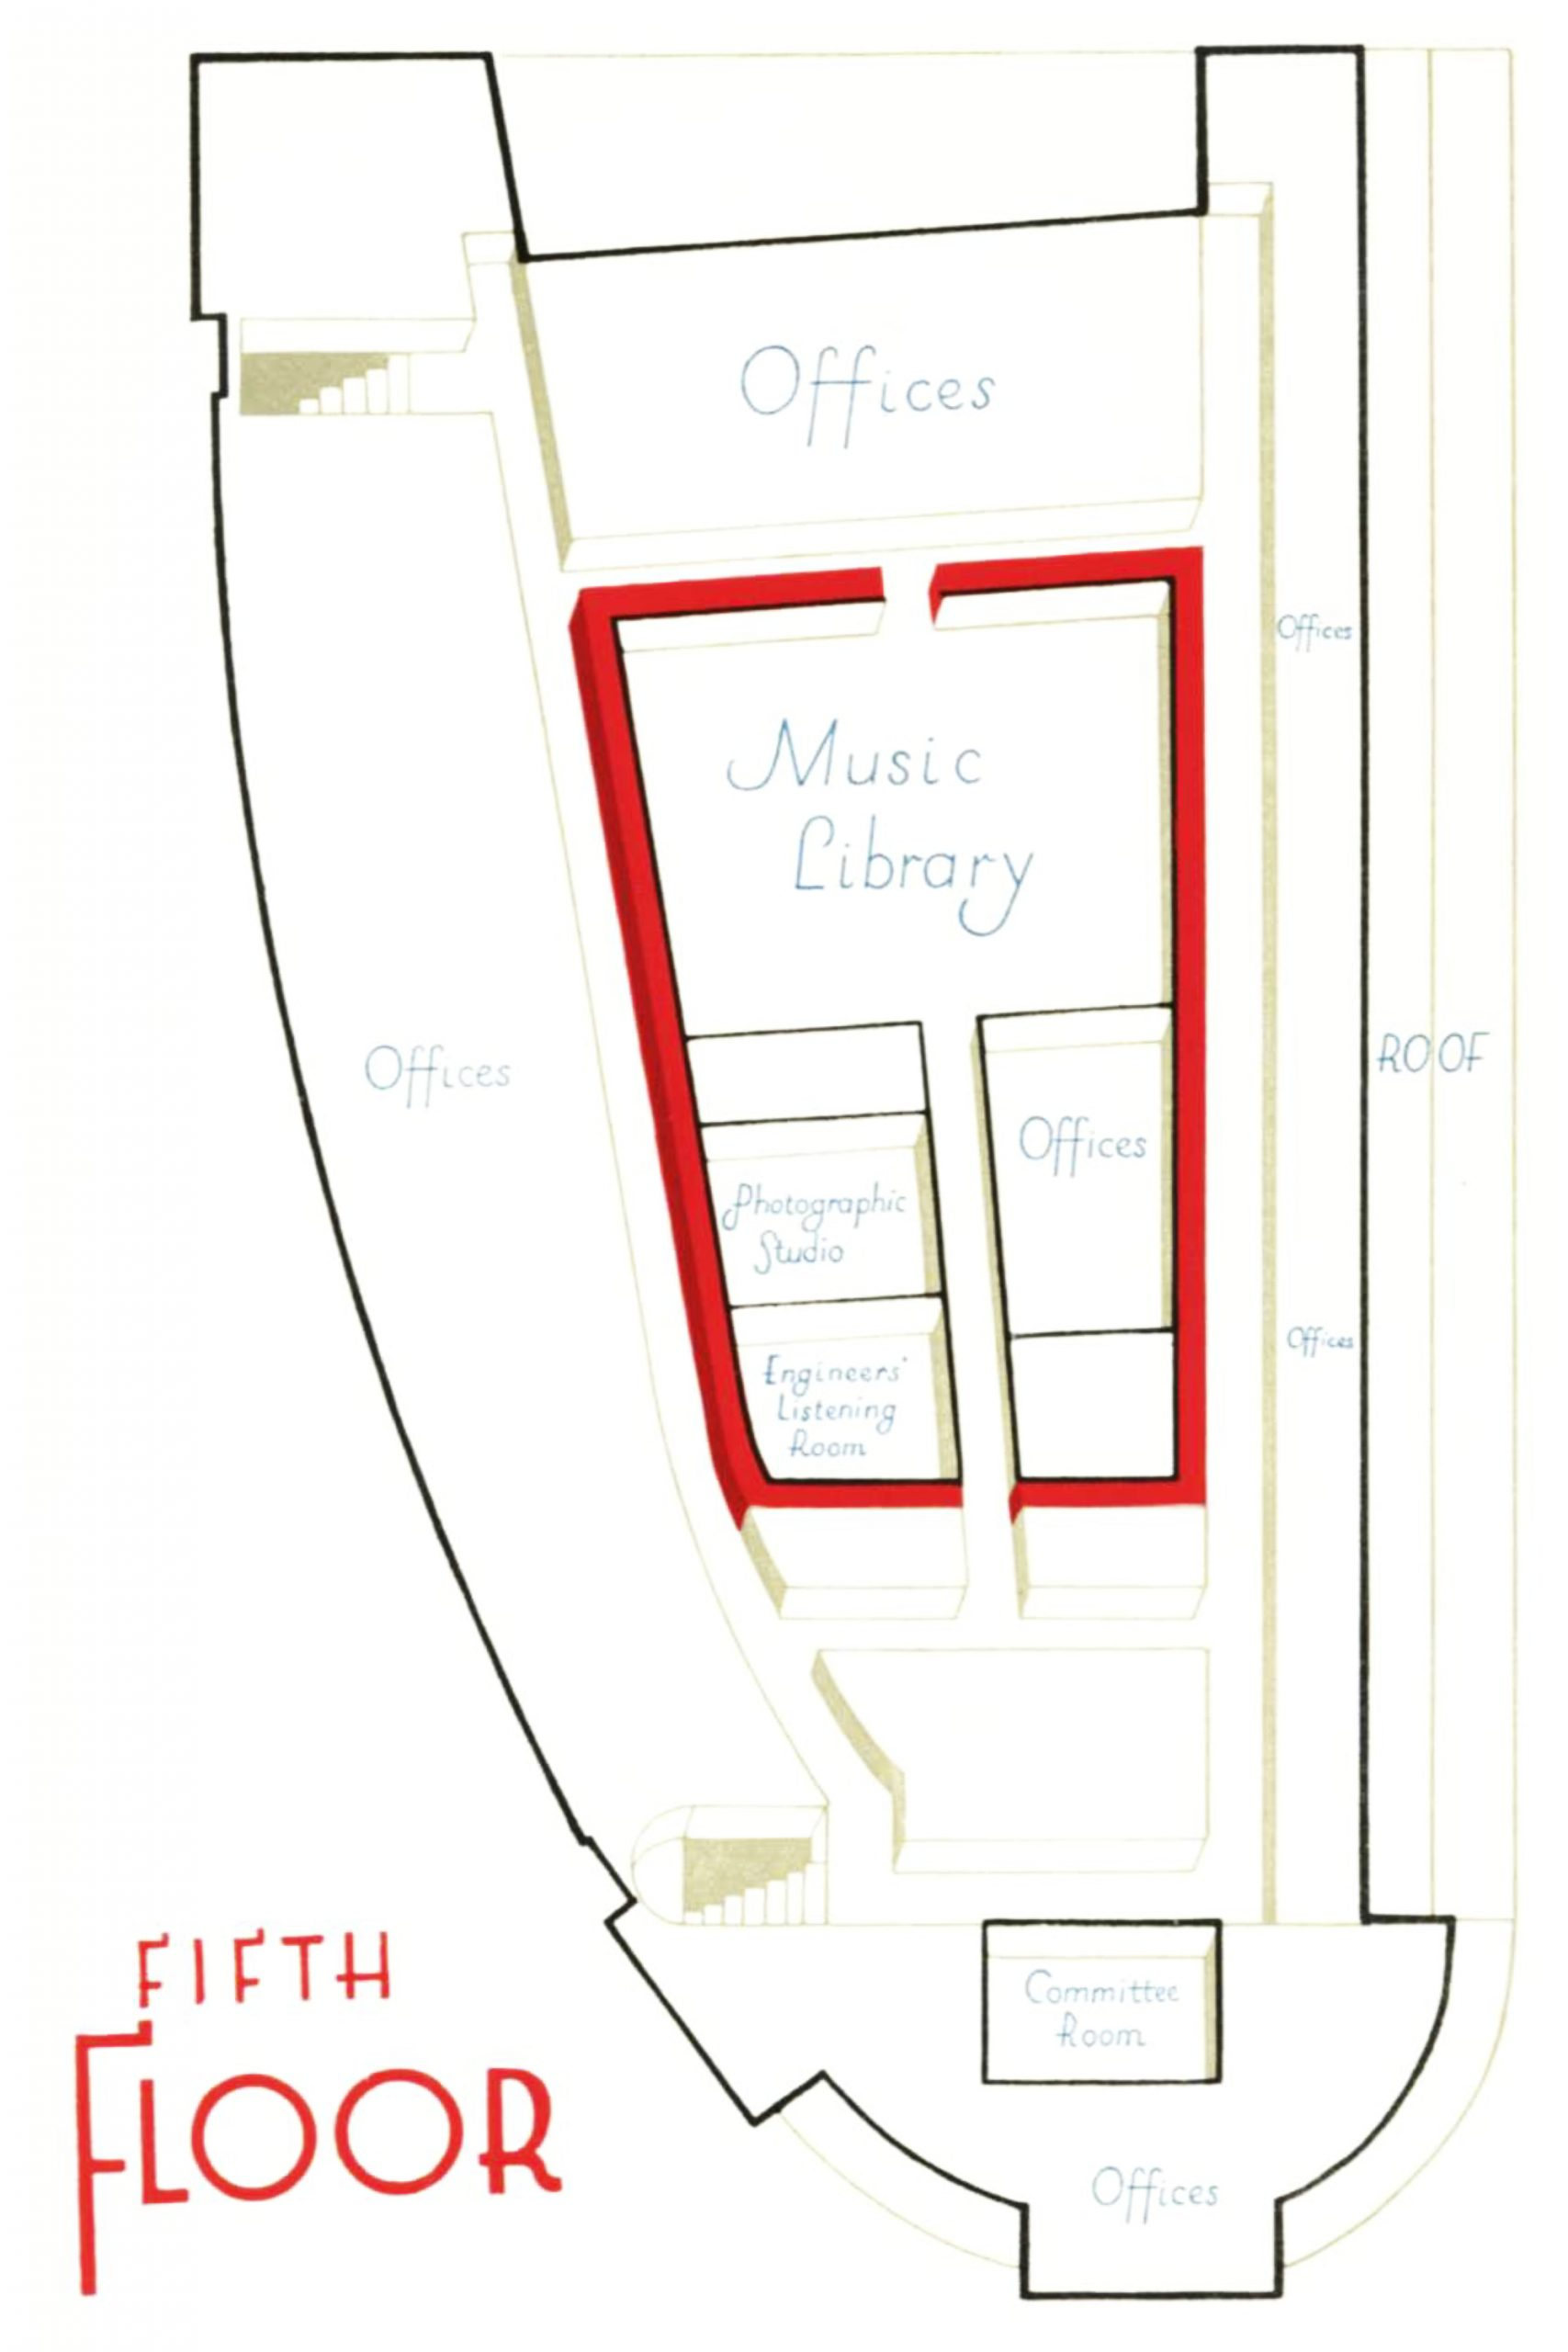 Diagram of the fifth floor